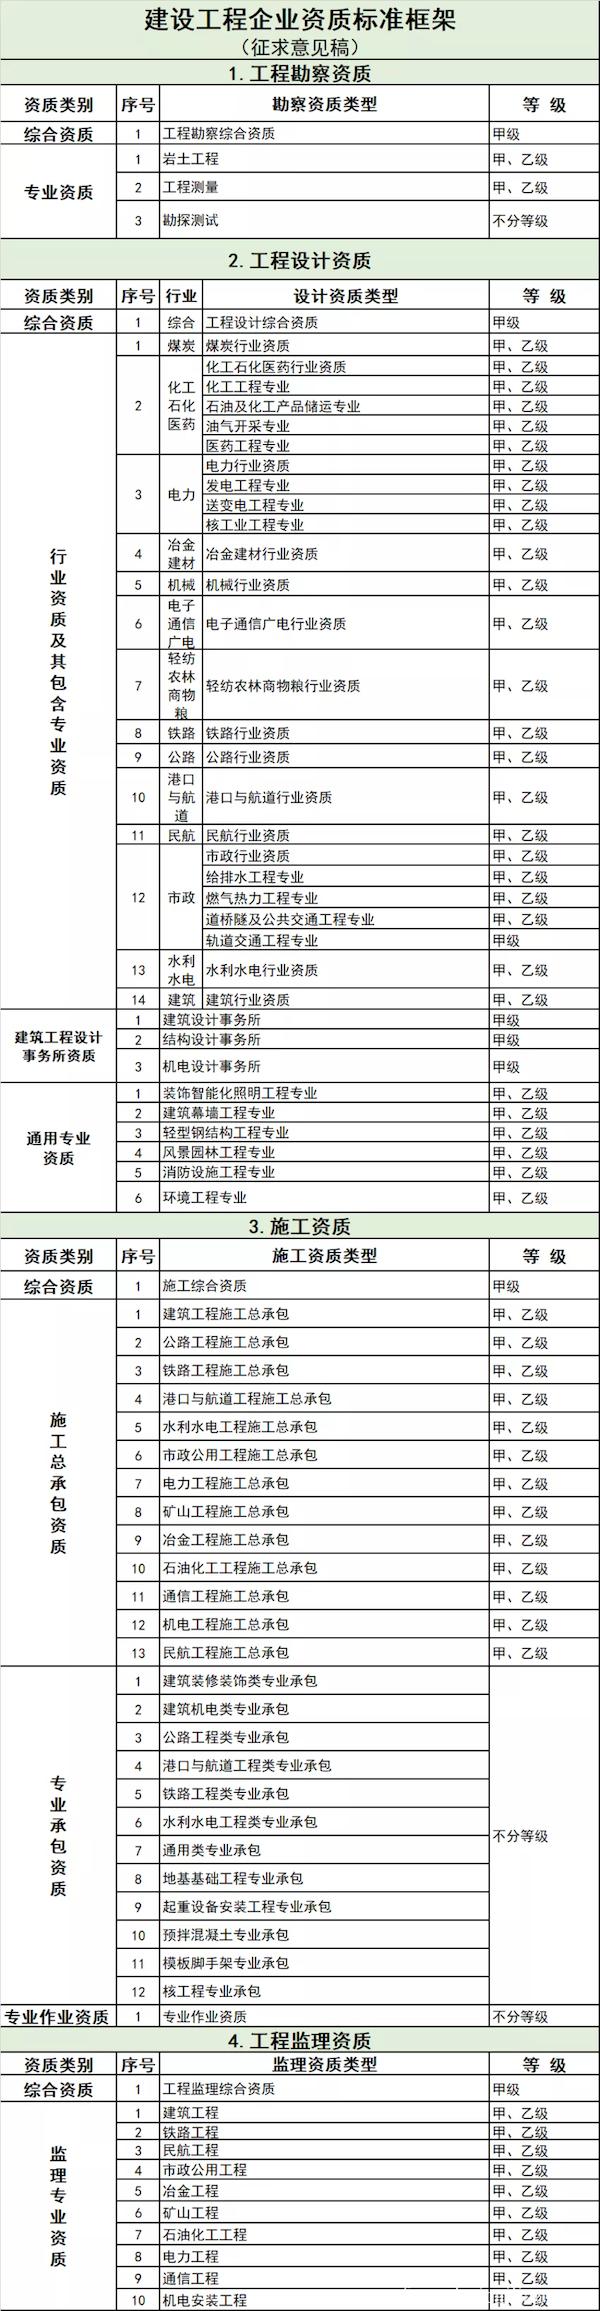 导出图片Thu Nov 12 2020 09_28_37 GMT+0800 (中国标准时间)的副本.png